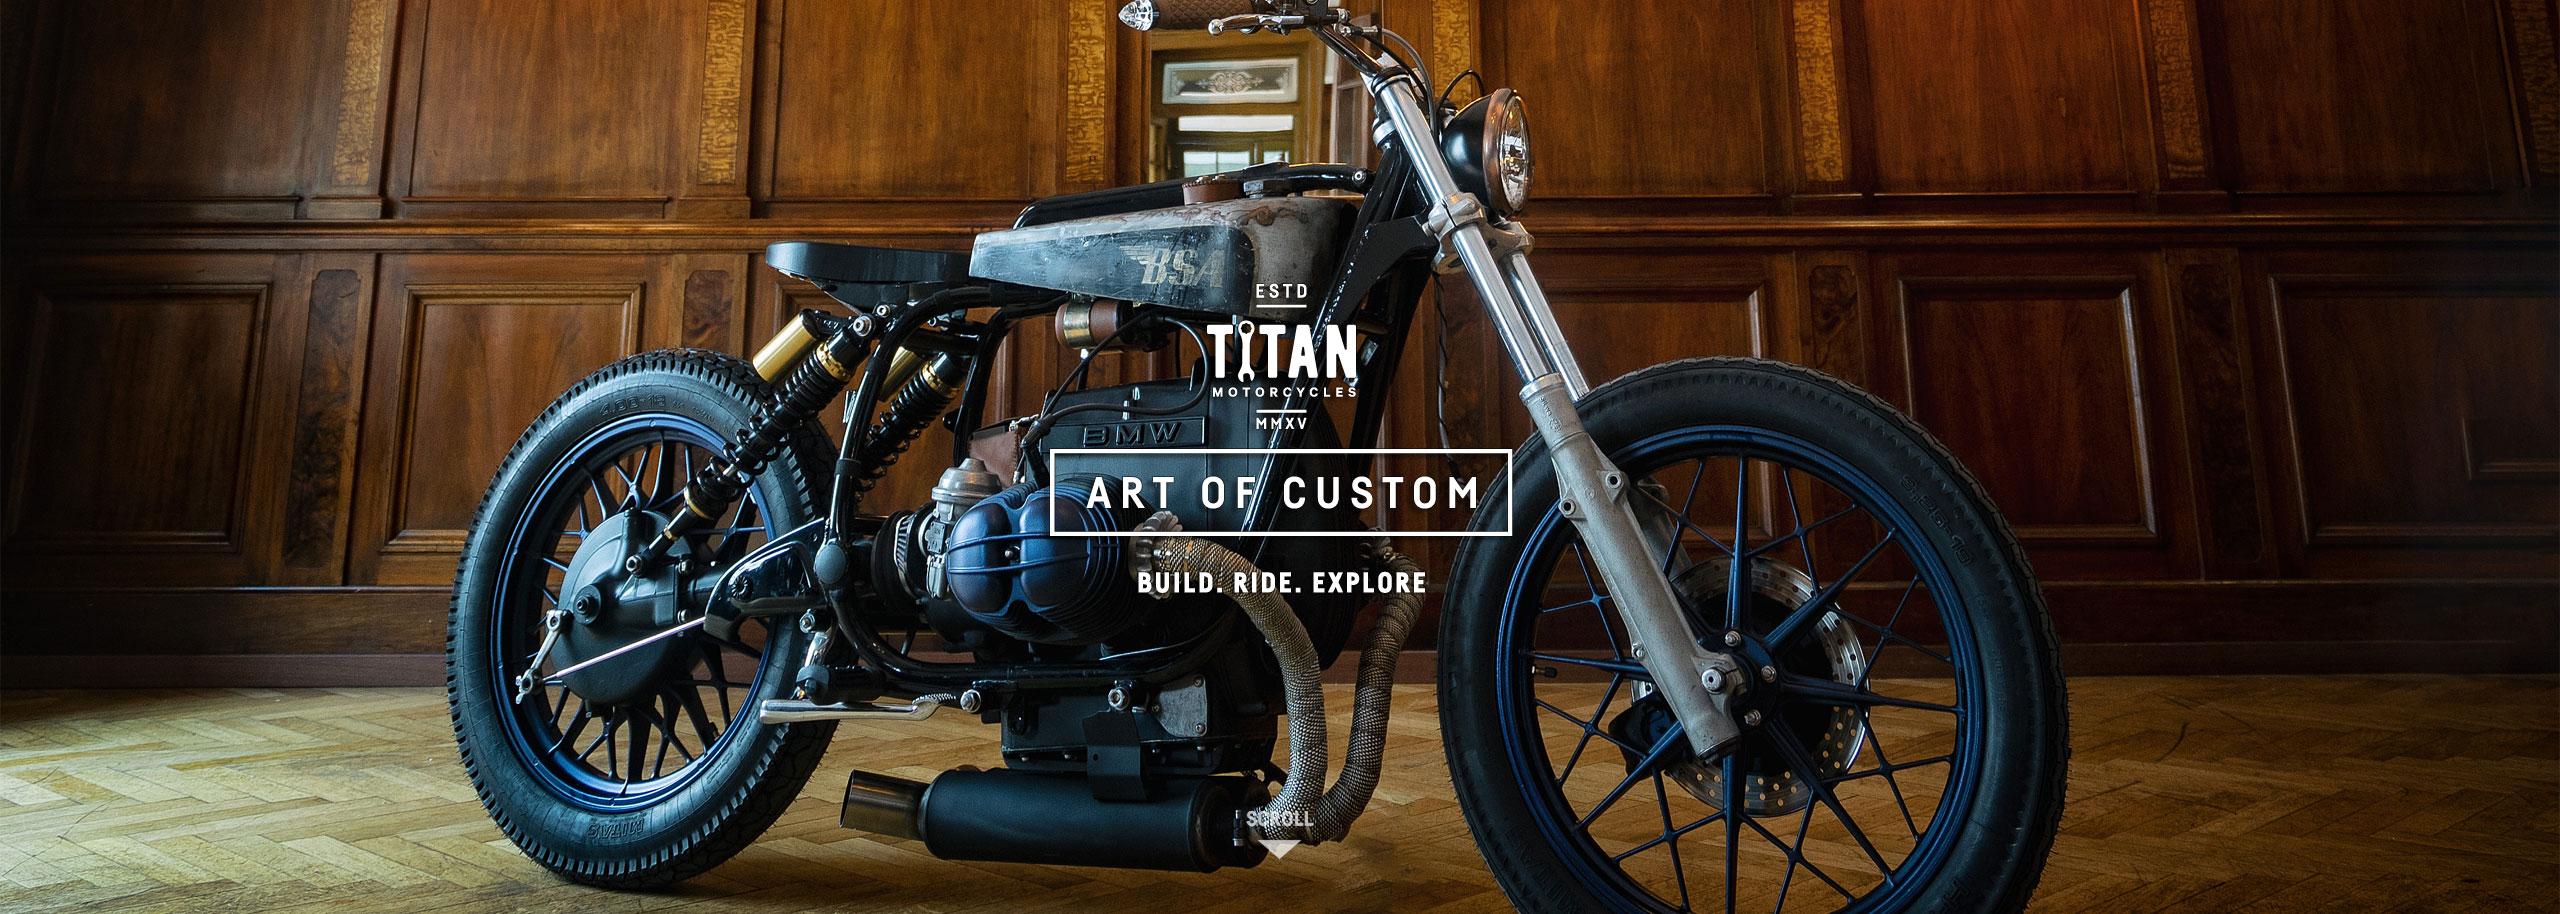 TITAN-Stunnin-Sigrid-Real-Austrian-Cafe-Racer-Shop-Graz-BMW-Motorrad-Umbau-Styrian-Design-Typisiert-Strassenzulassung-01